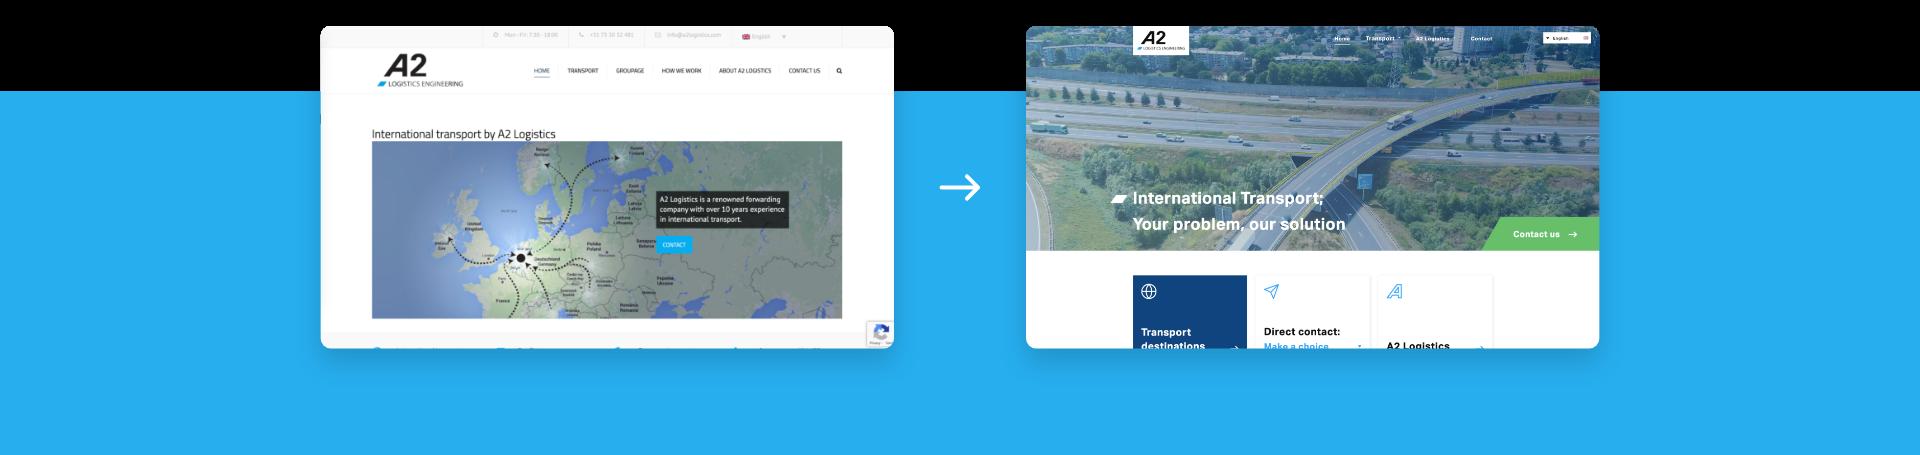 oude website vs nieuwe website voor A2 logistics